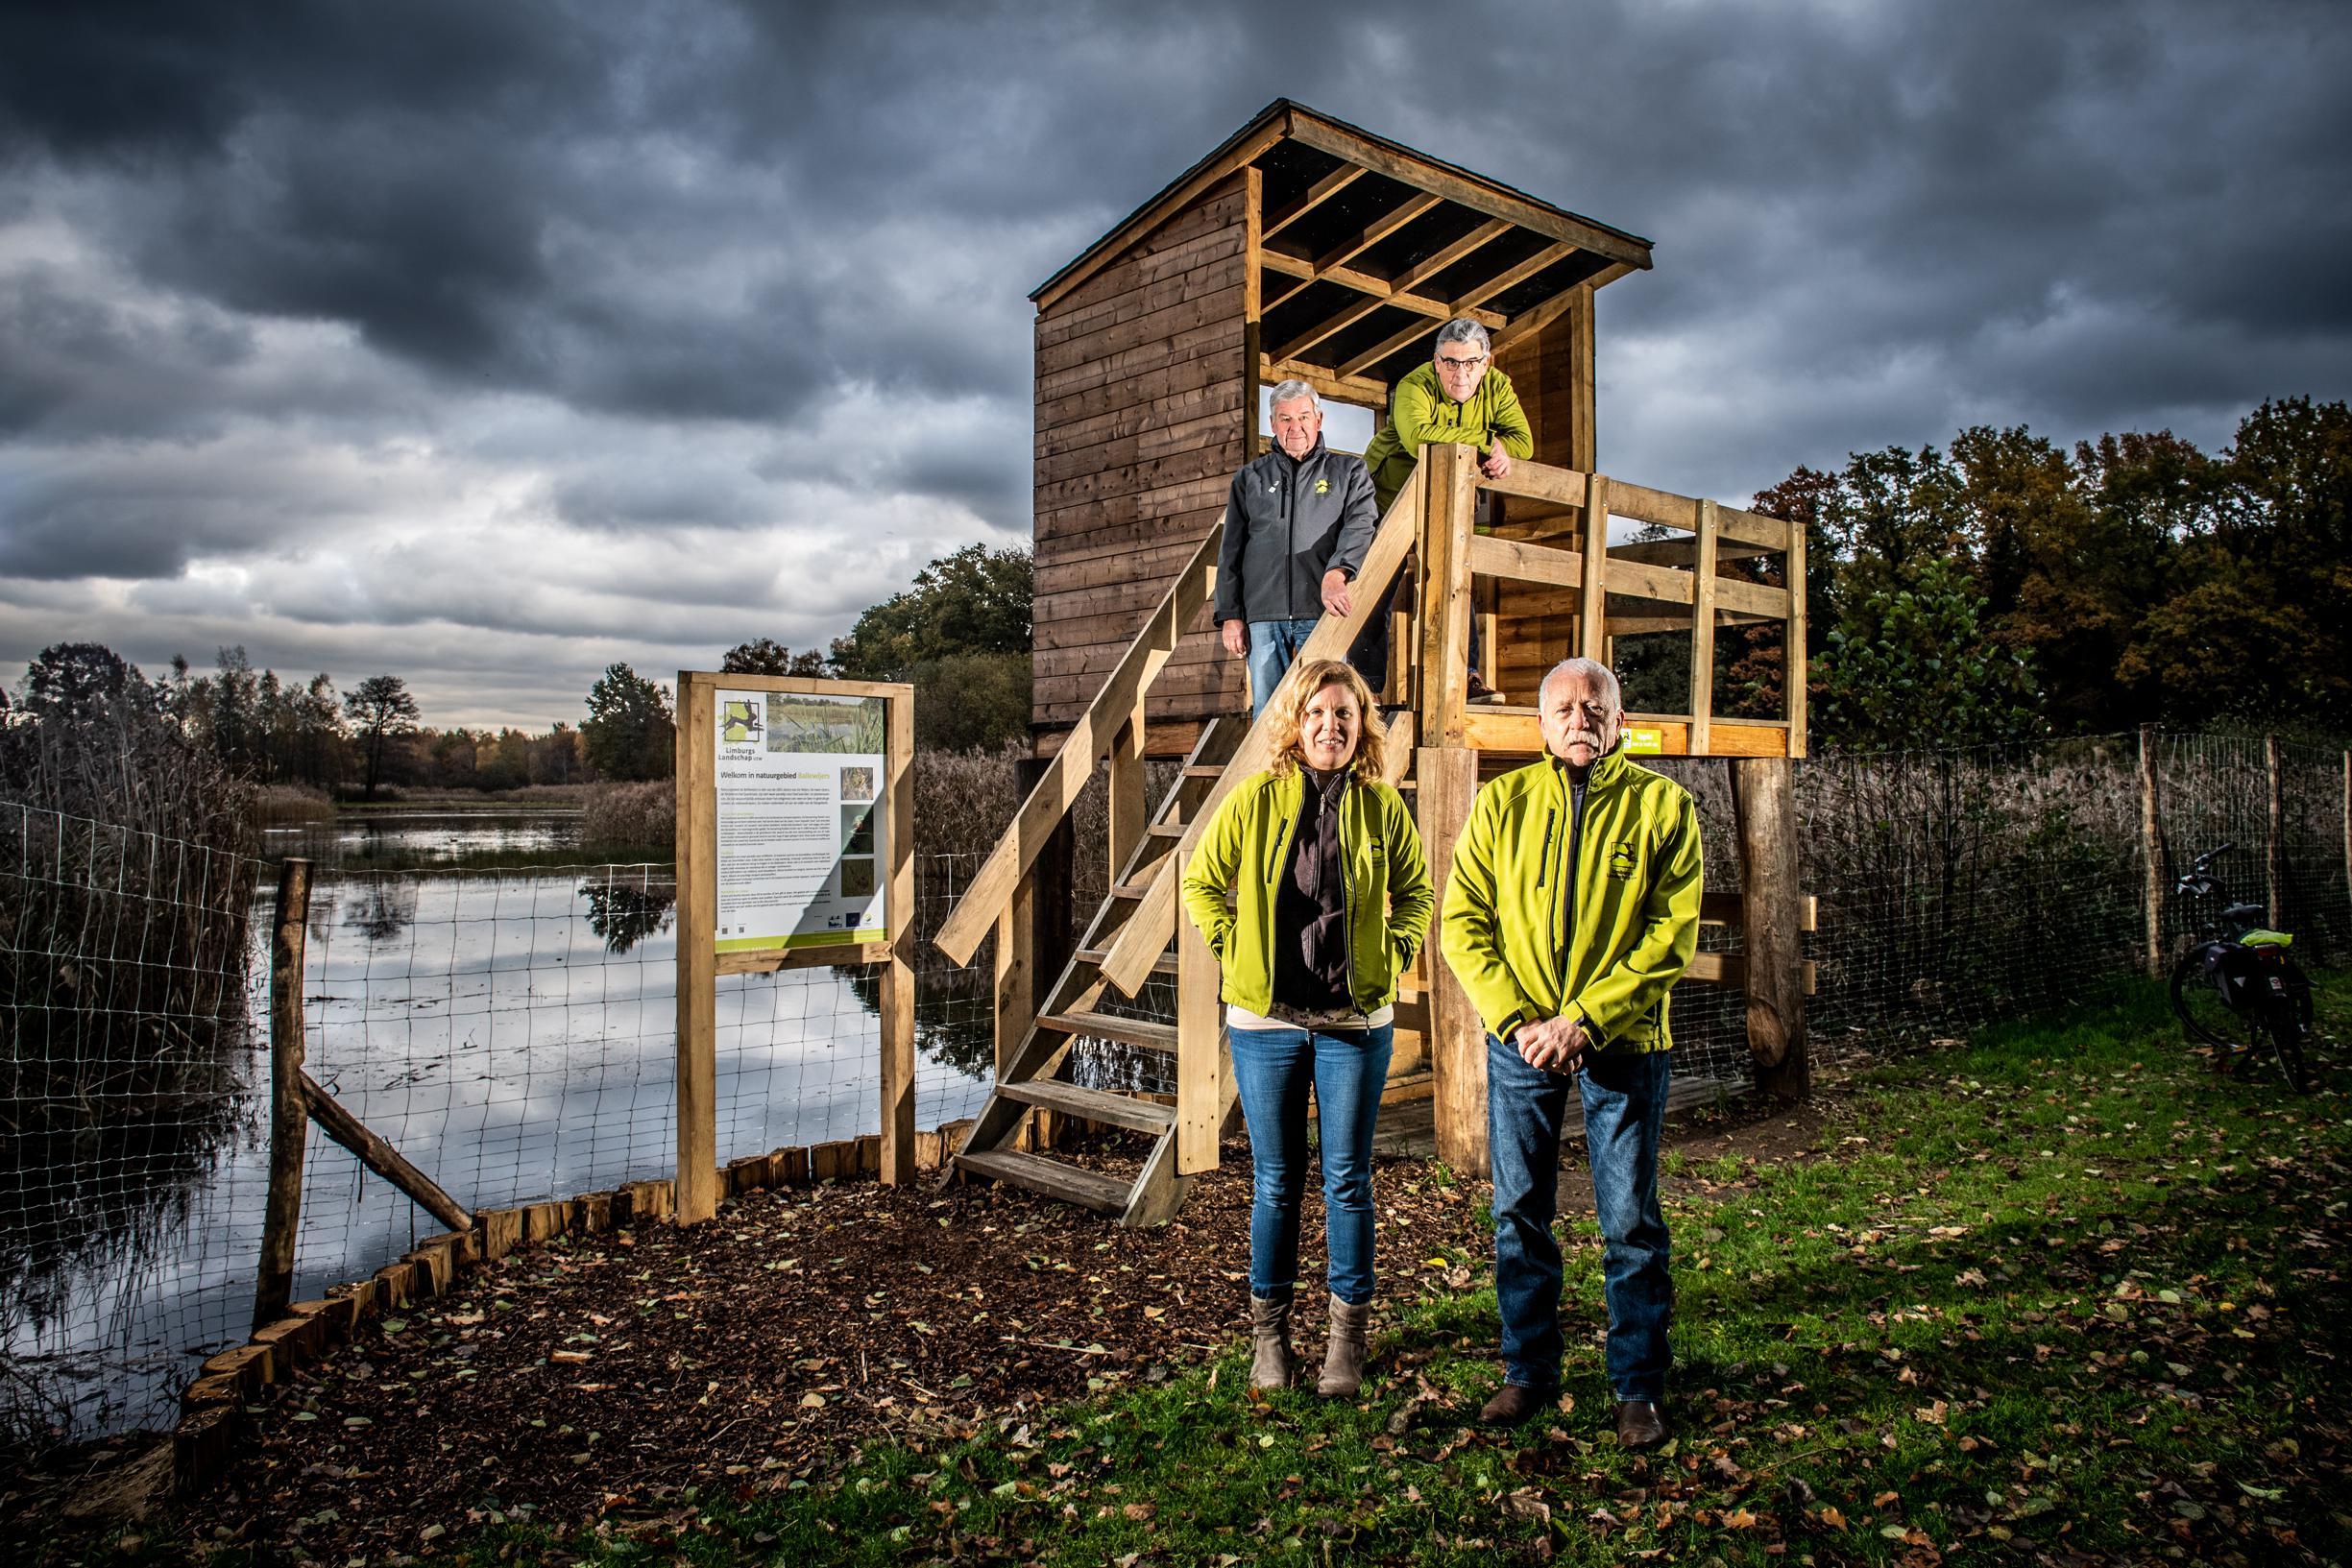 Nieuwe uitkijktoren geeft uniek zicht op Zonhovens natuurgeb... (Zonhoven) - Het Belang van Limburg